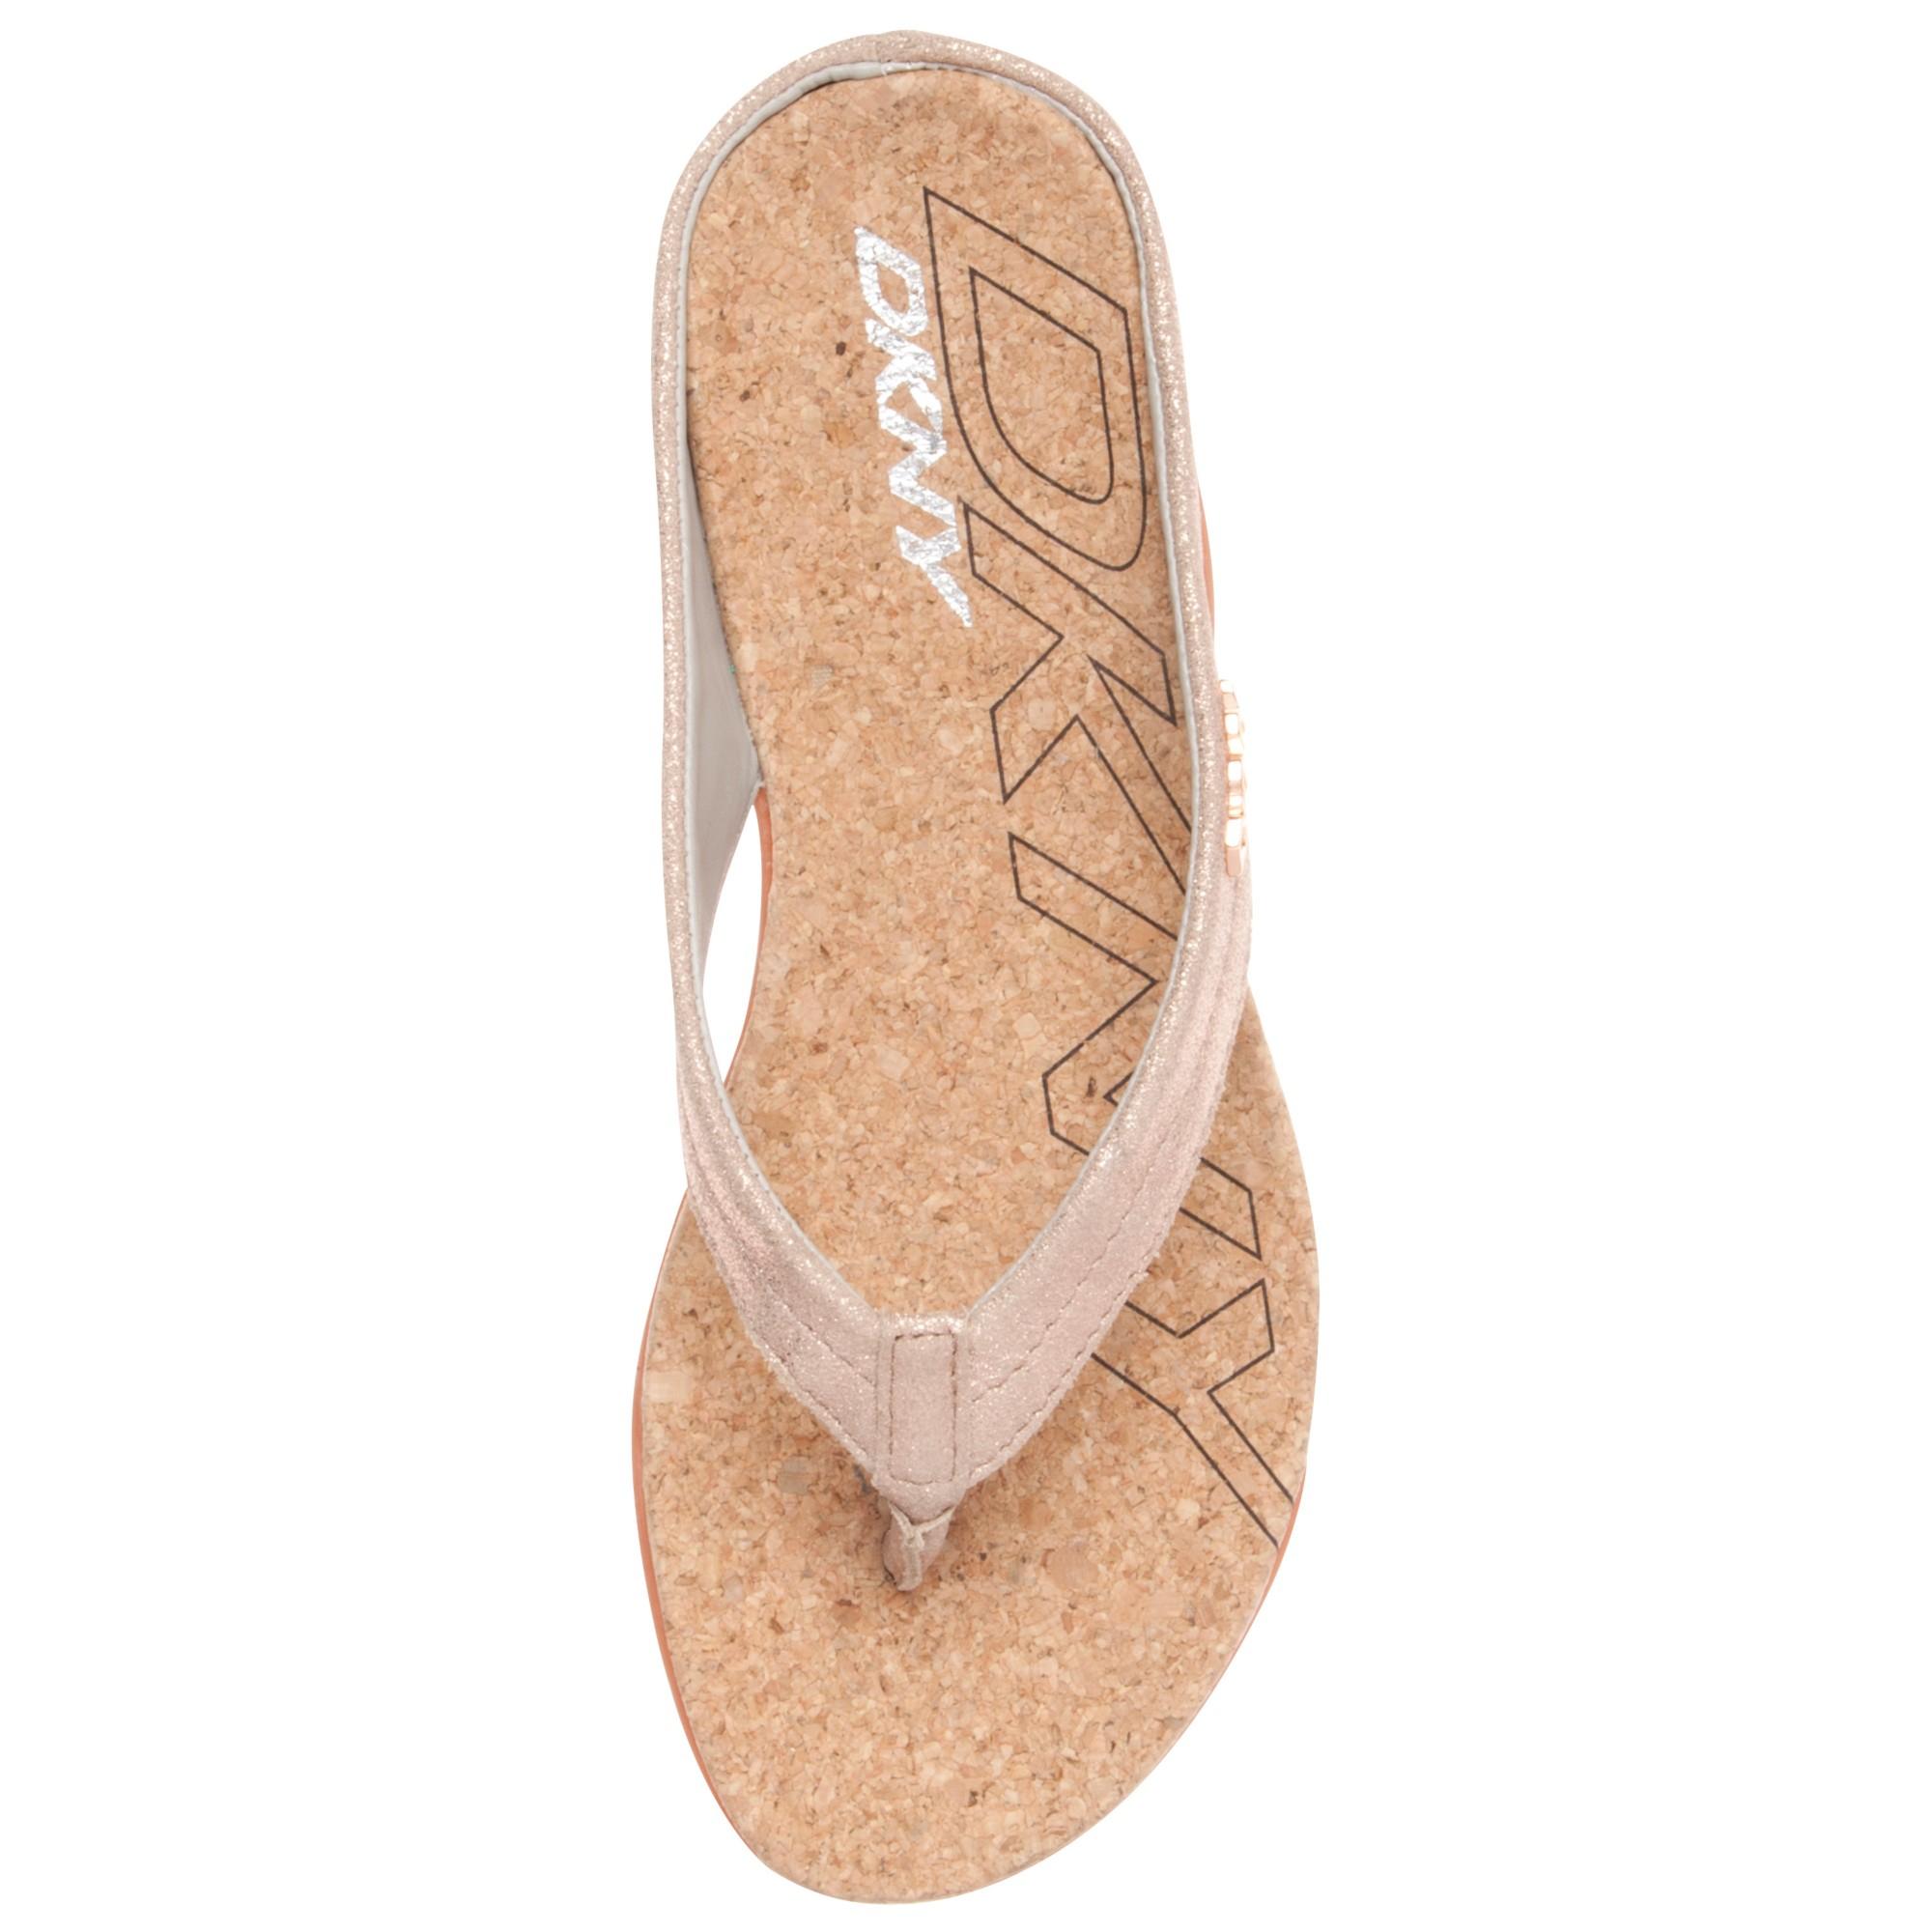 d56c1d37761 Gallery. Women s Lucky Brand Emmie Women s Gold Jelly Sandals ...